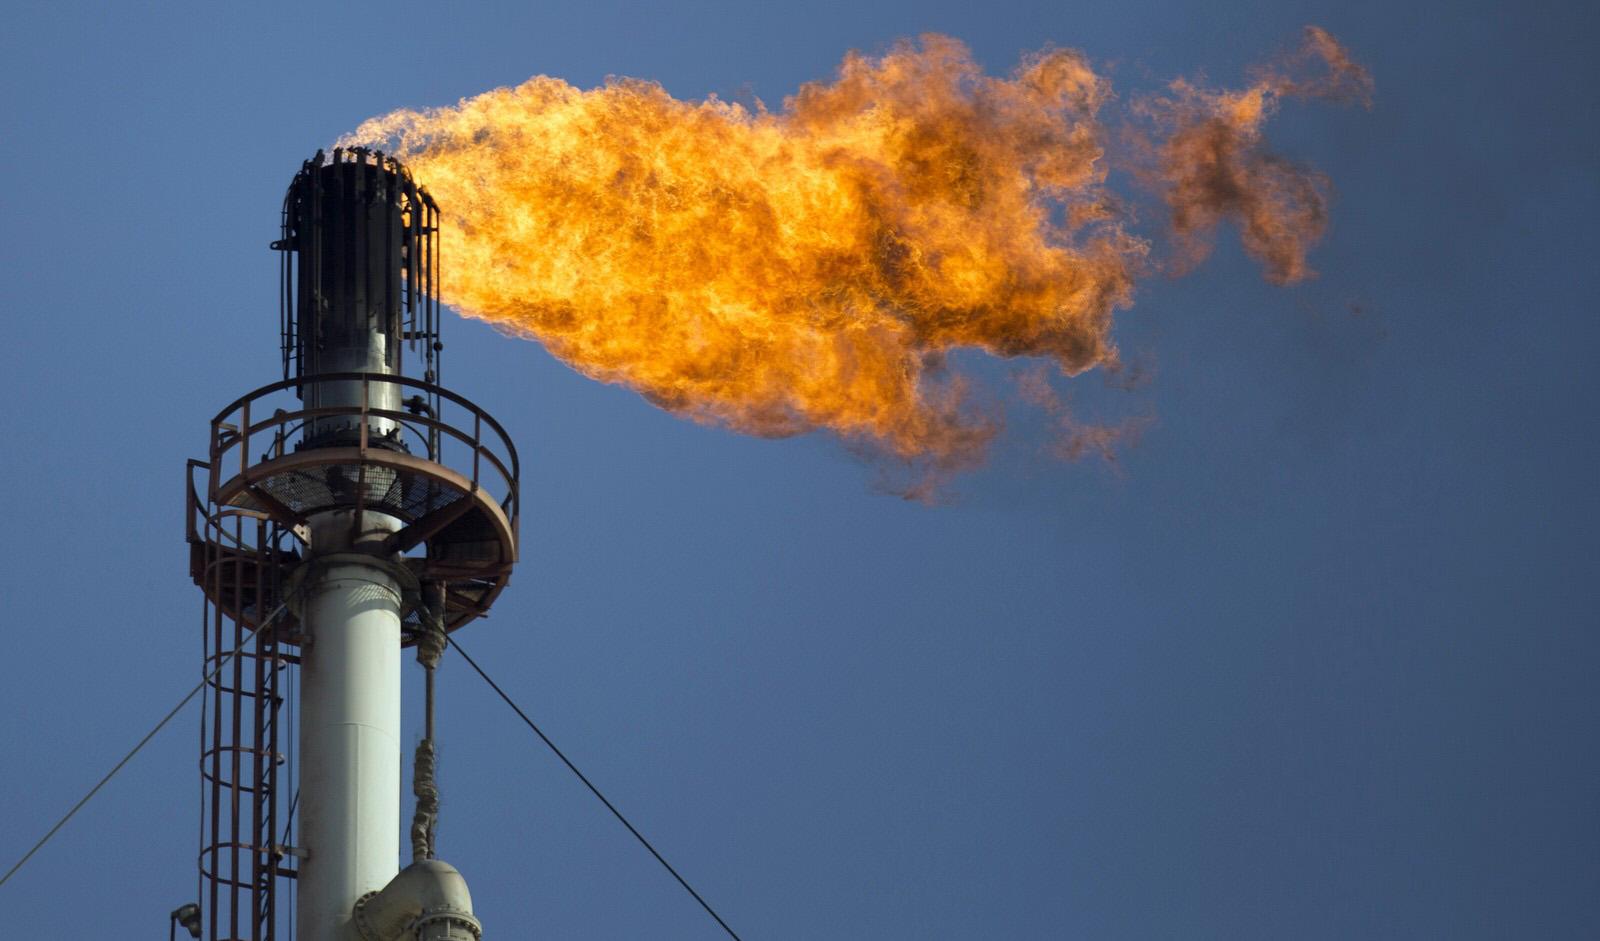 سهم بخش خصوصی در اقتصاد نفتی کاهش یافته است